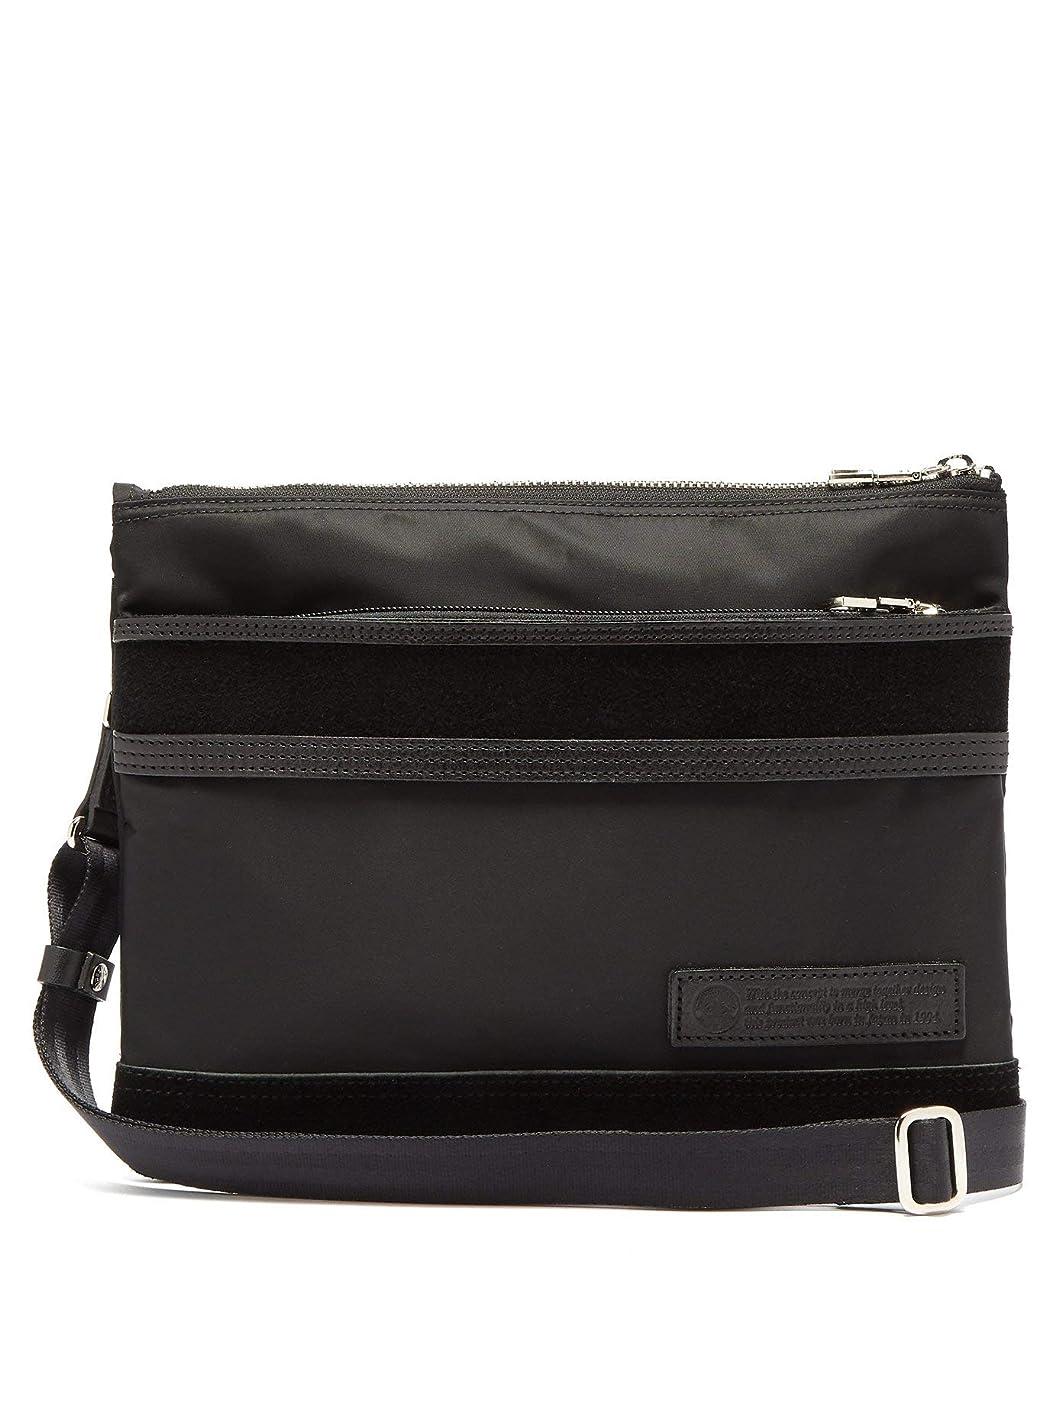 振幅ウナギ頭痛(マスターピース) MASTER-PIECE 密度スエードパネルクロスボディバッグ Density cross-body bag メンズ (並行輸入品)